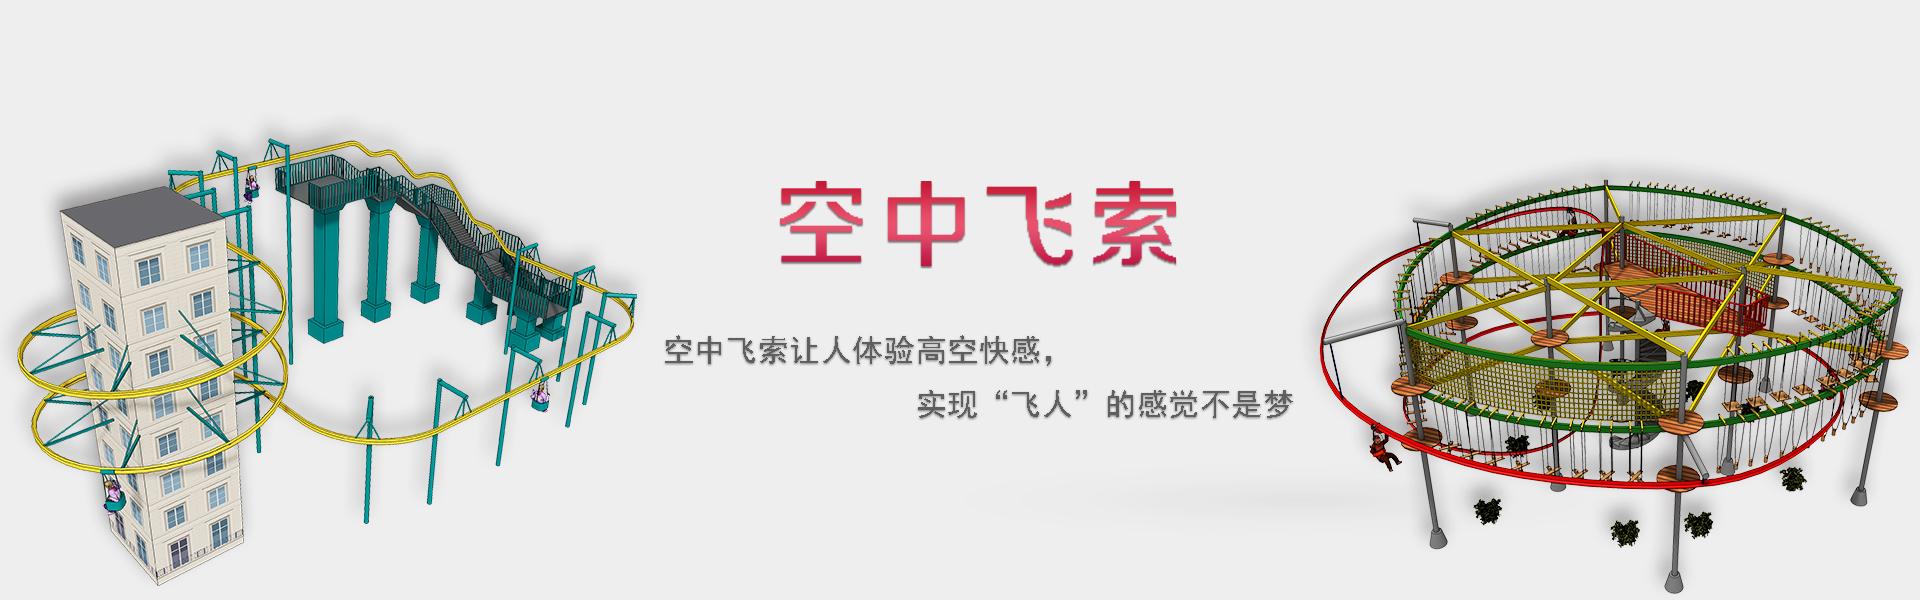 1月网站BANNER-02-1920x600